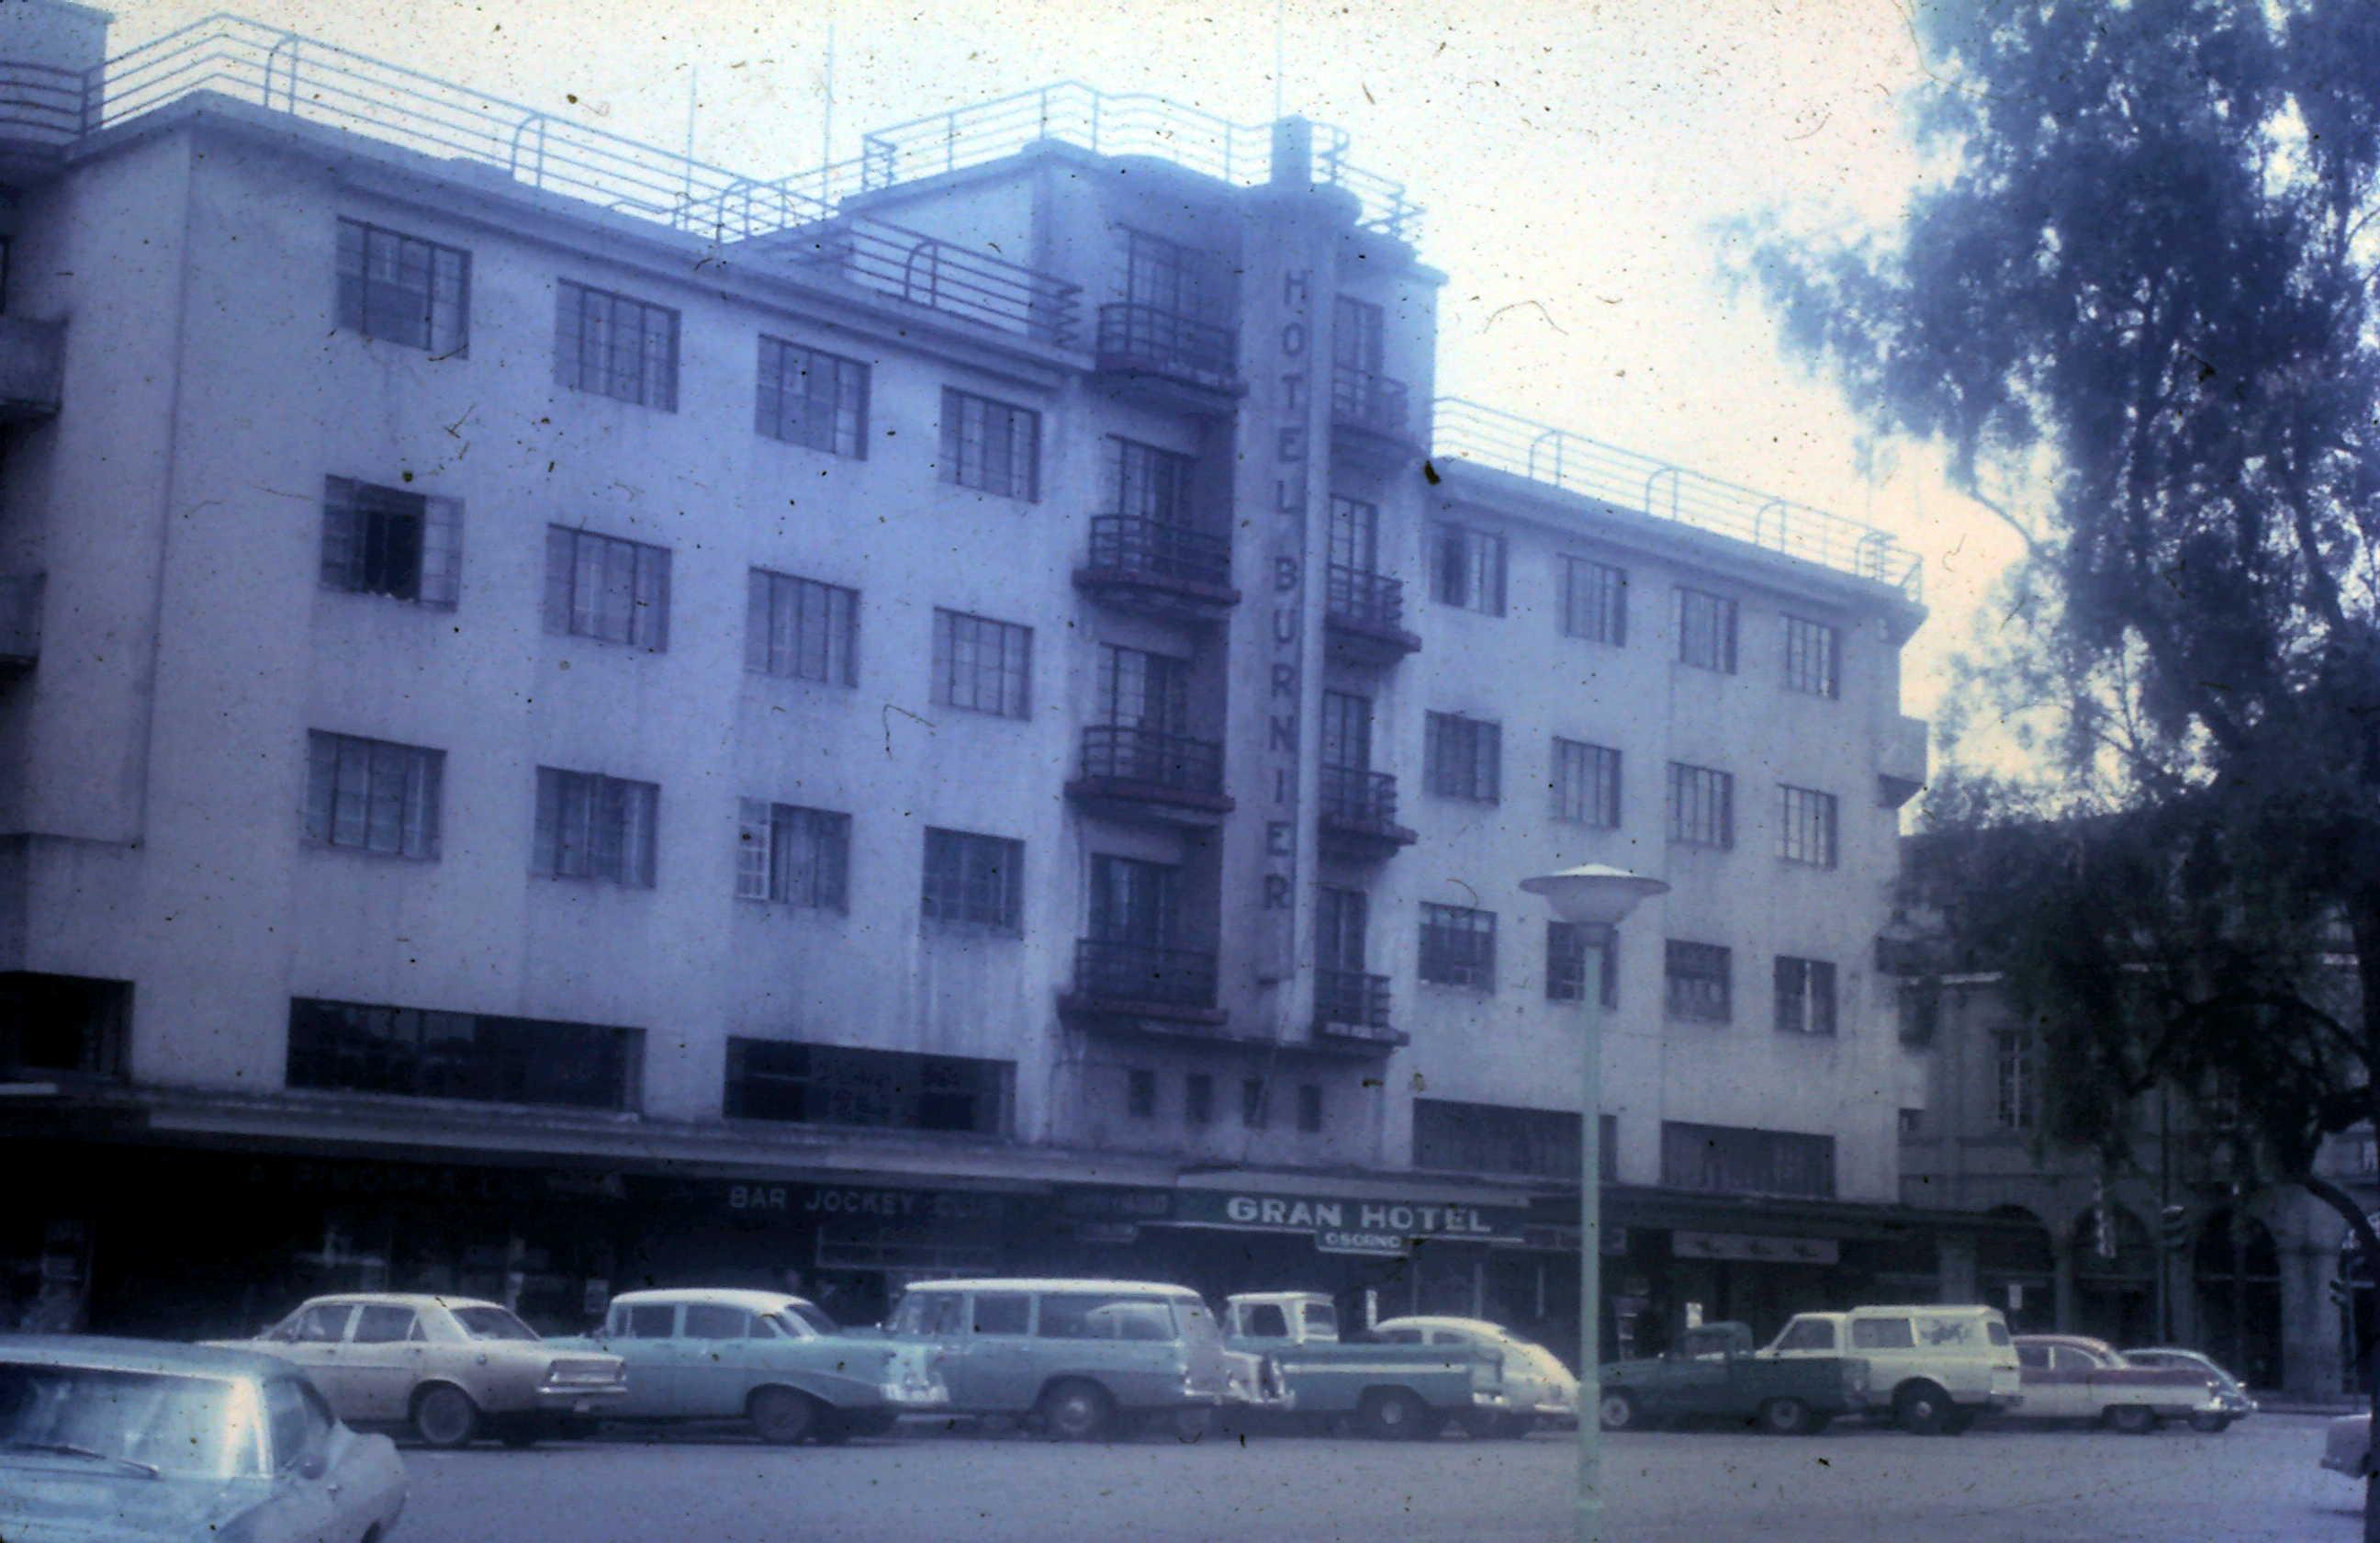 Enterreno - Fotos históricas de chile - fotos antiguas de Chile - Hotel Burnier, Osorno 1968